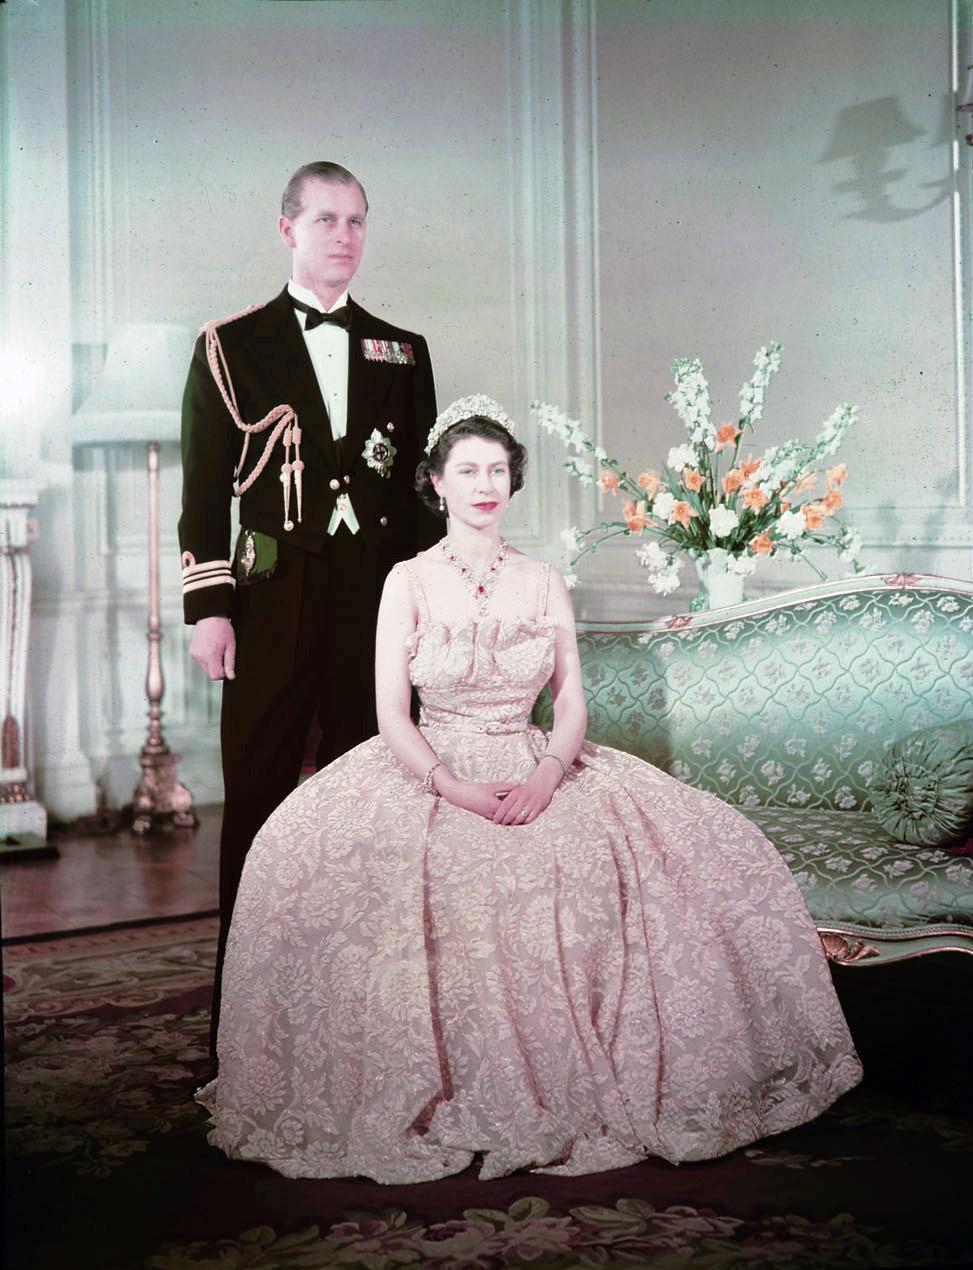 伊丽莎白二世女王 7 岁时遇见菲利普亲王 - 关于王室的迷人事实 - 这是玫瑰色